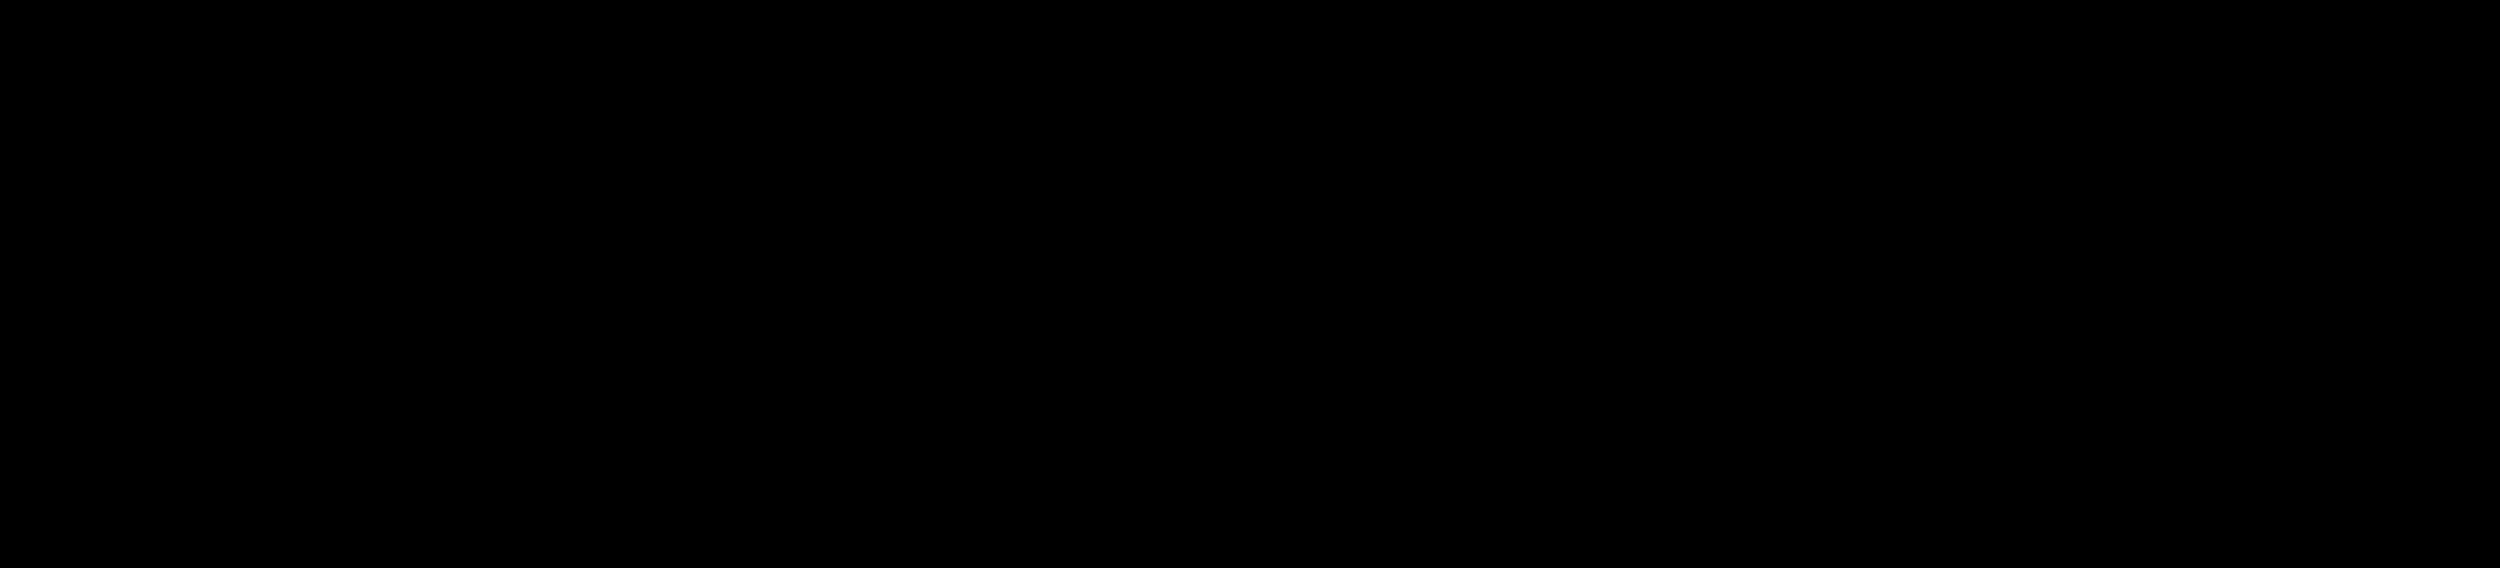 23d73b59-567e-4f18-b4fa-460fd41c668f.png